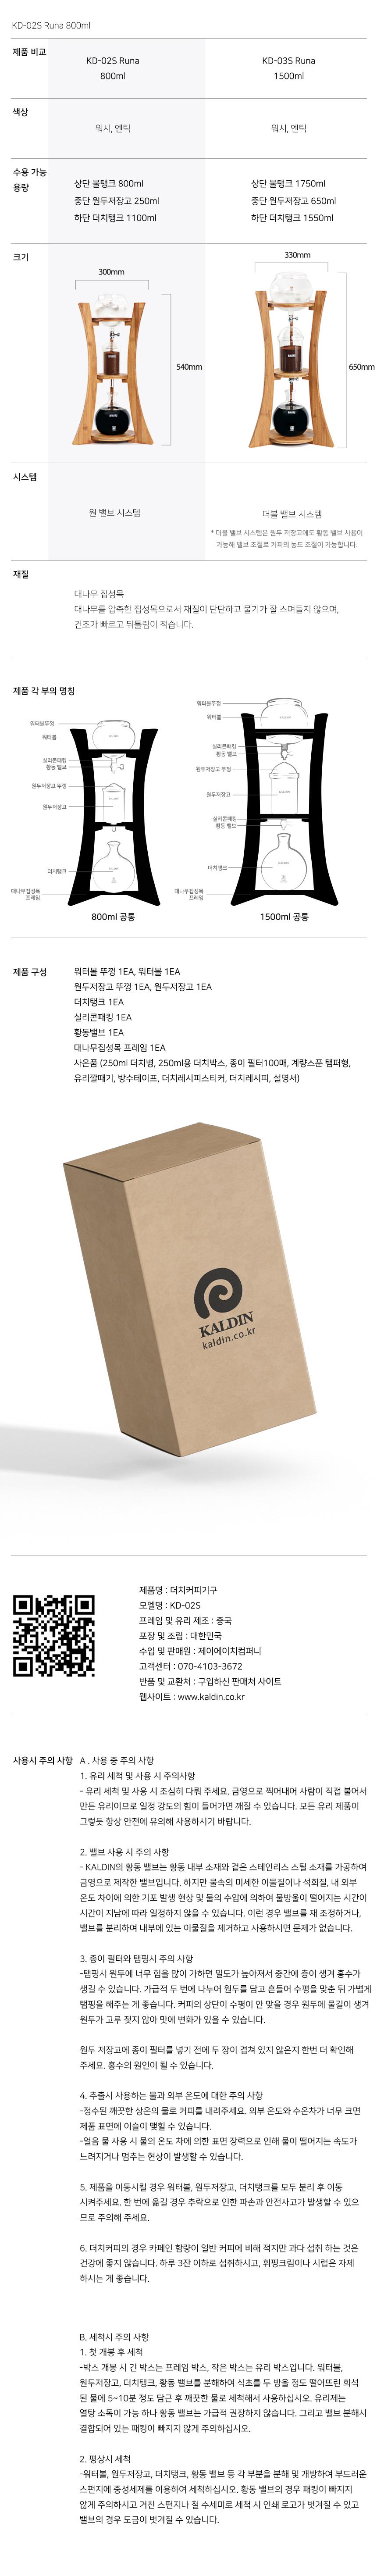 더치커피기구 콜드브루기구 KD-02S 루나 800ml 8-10인용 - 칼딘, 159,000원, 커피 용품, 더치커피기구